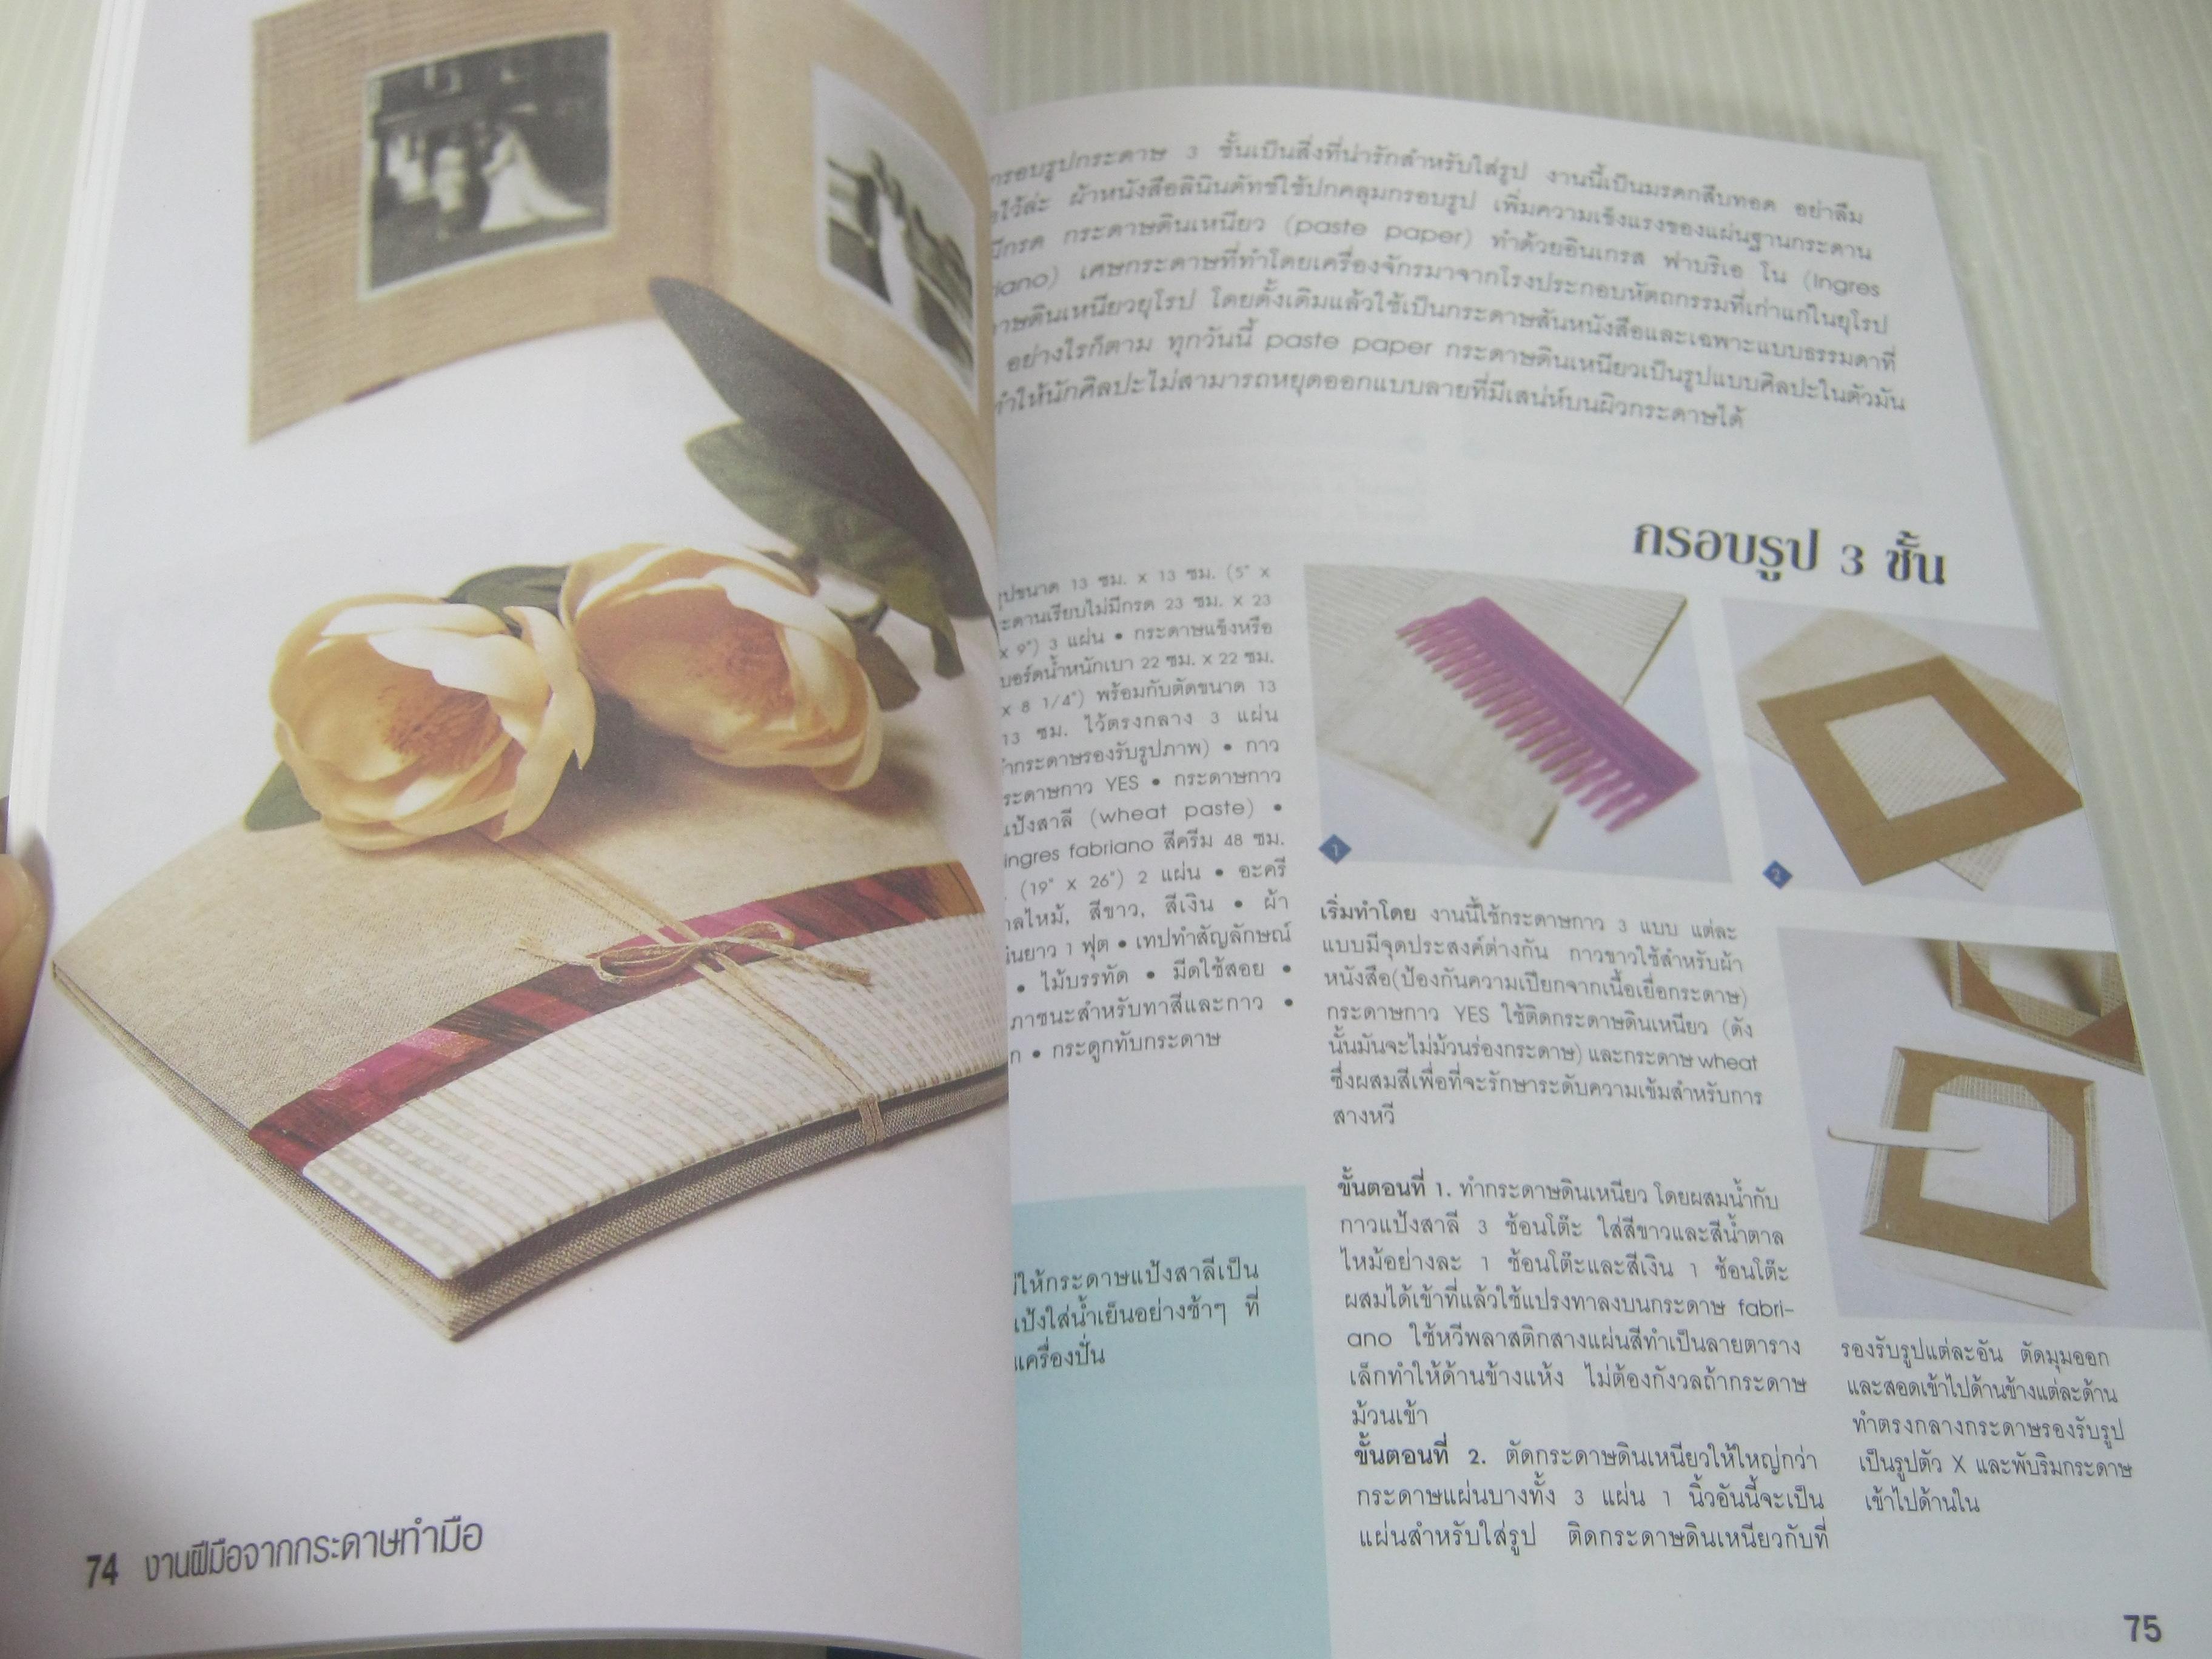 งานฝีมือจากกระดาษทำมือ กระดาษสา กระดาษจากเปลือกไม้ และพฤกษา